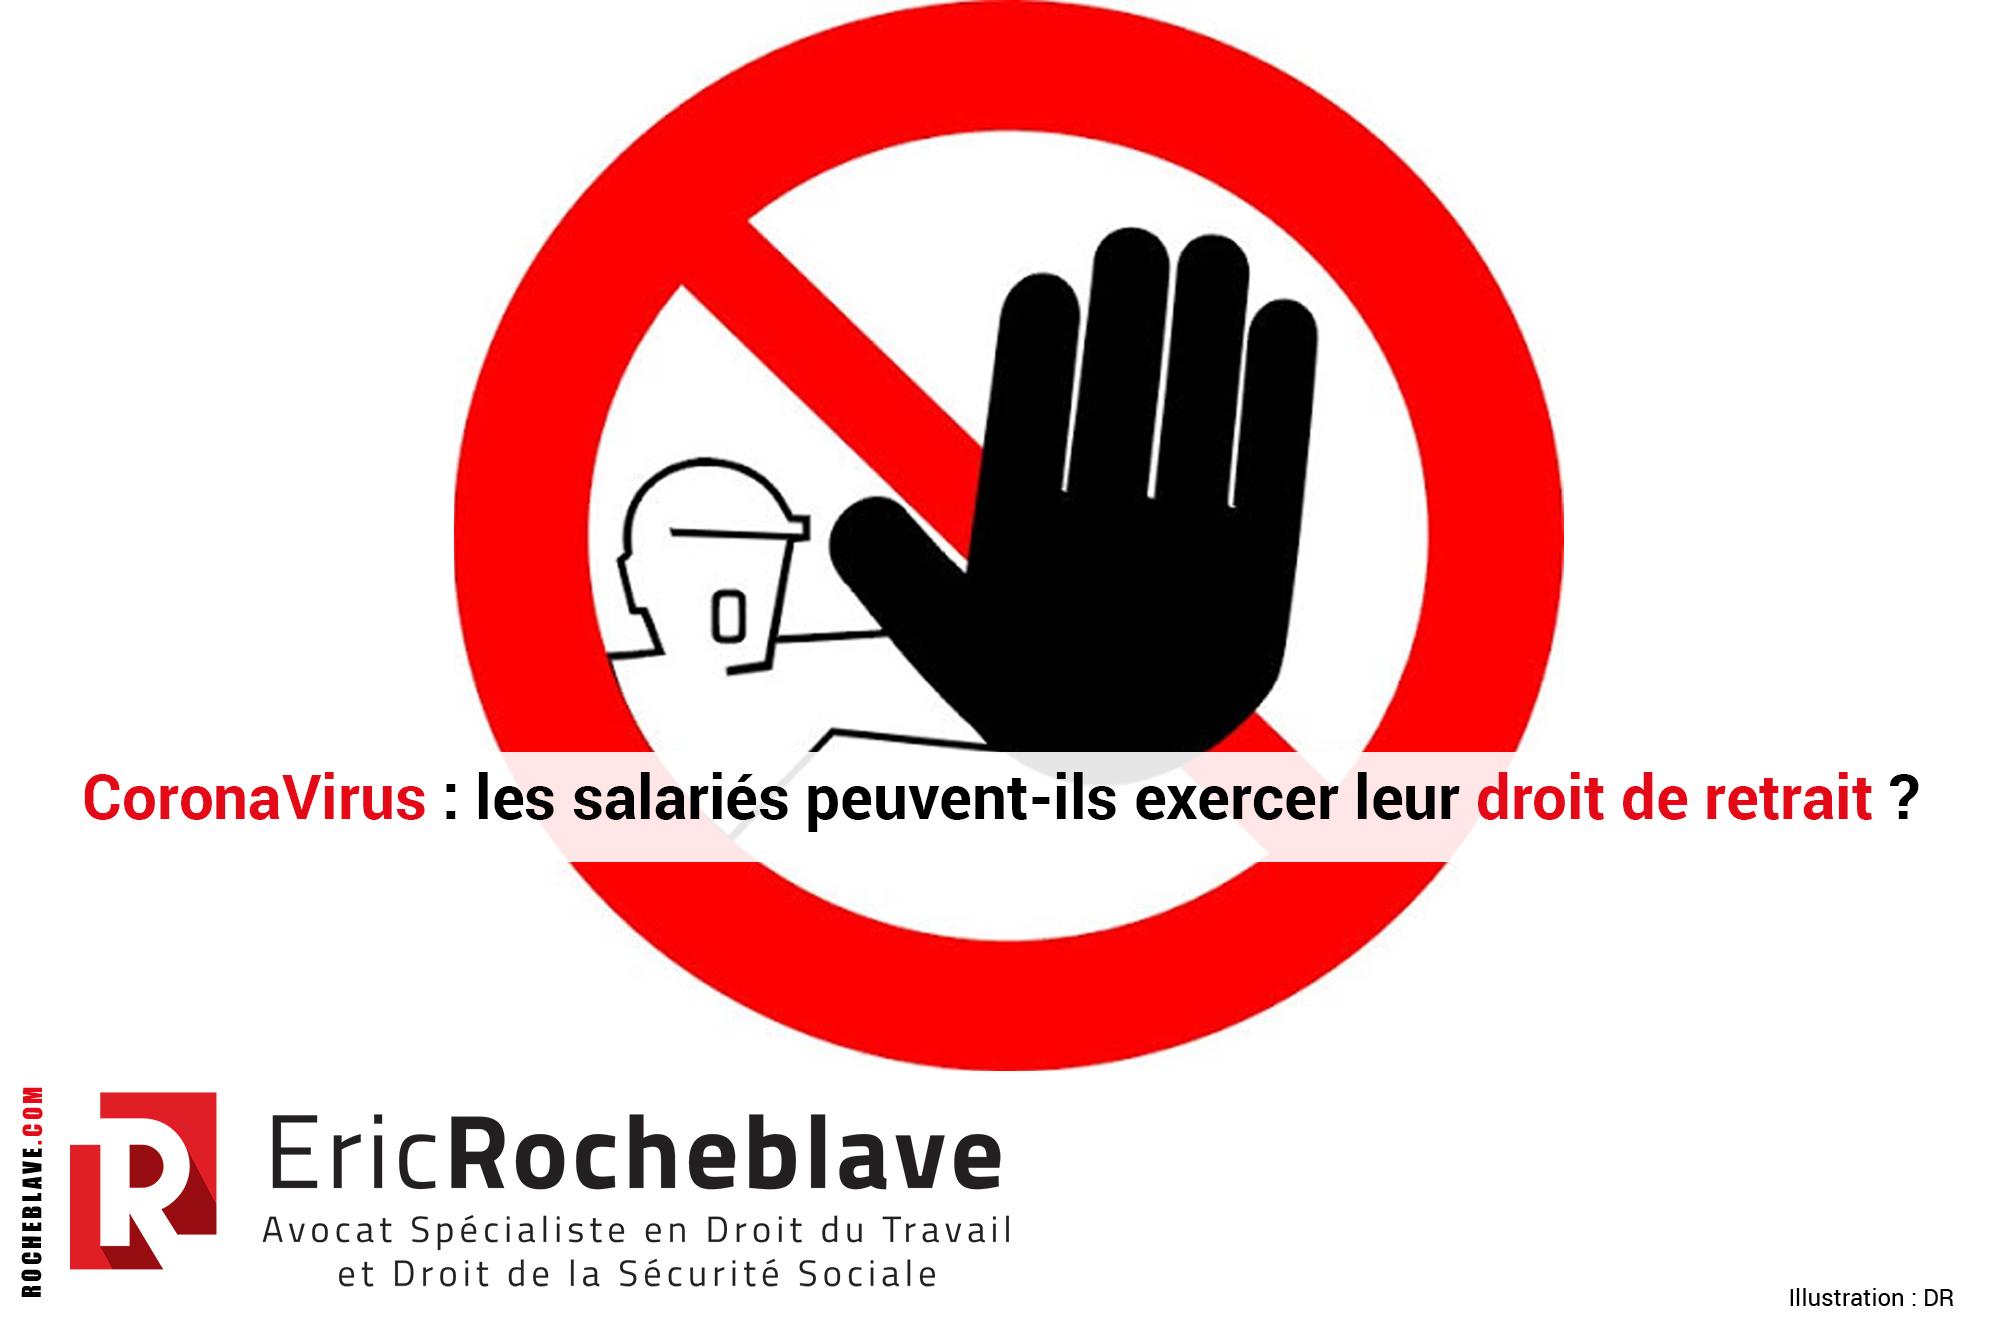 CoronaVirus : les salariés peuvent-ils exercer leur droit de retrait ?